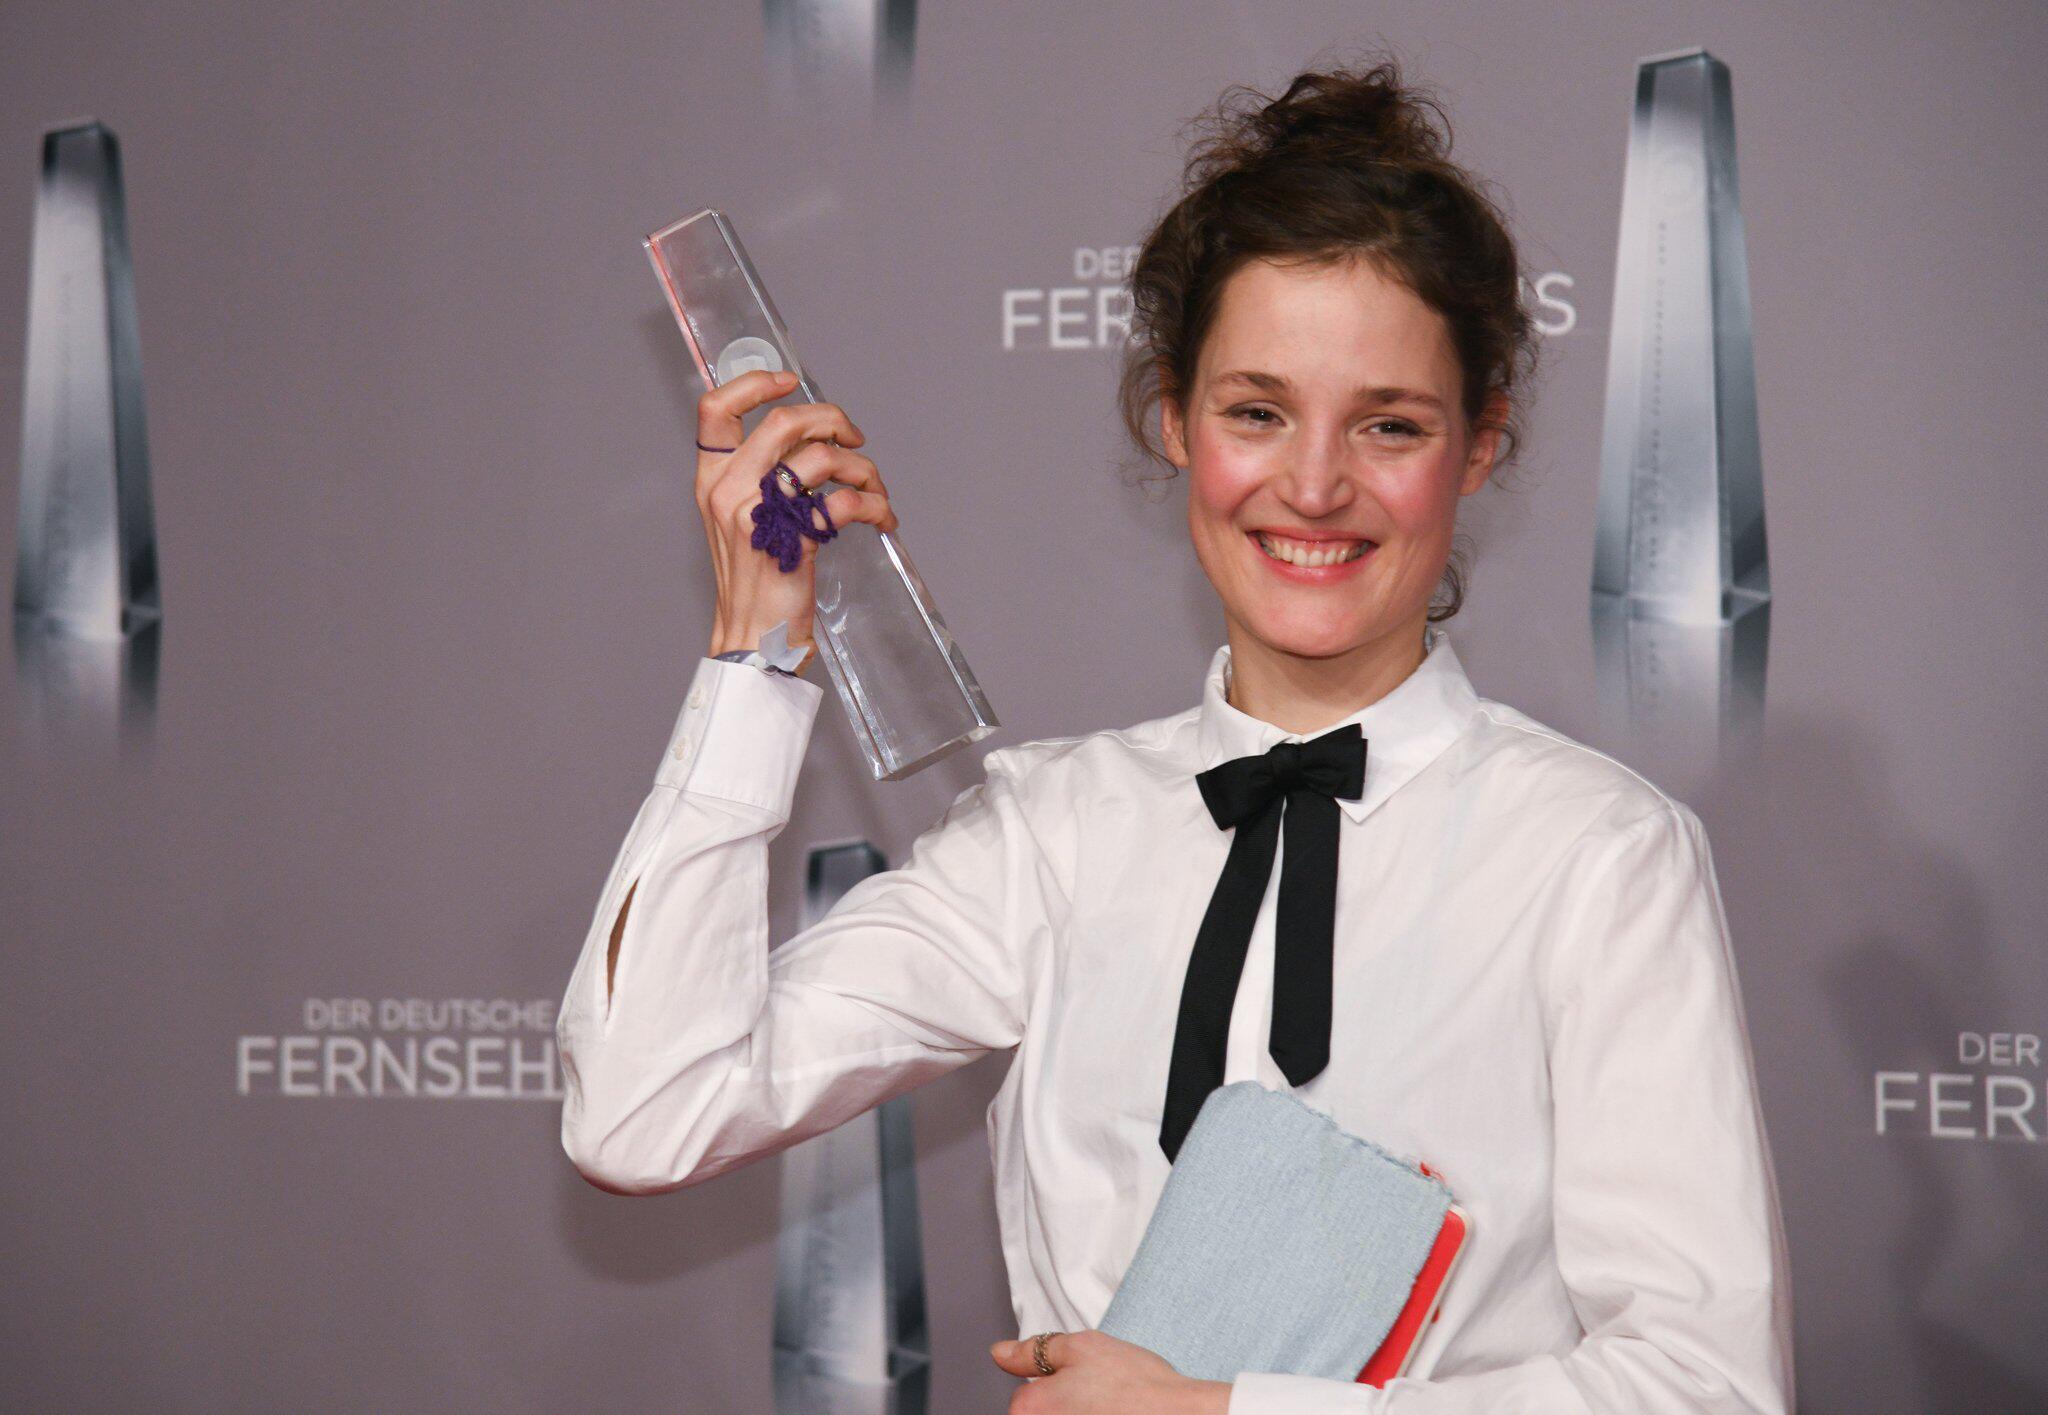 Bild zu Deutscher Fernsehpreis 2019 - Preisträger